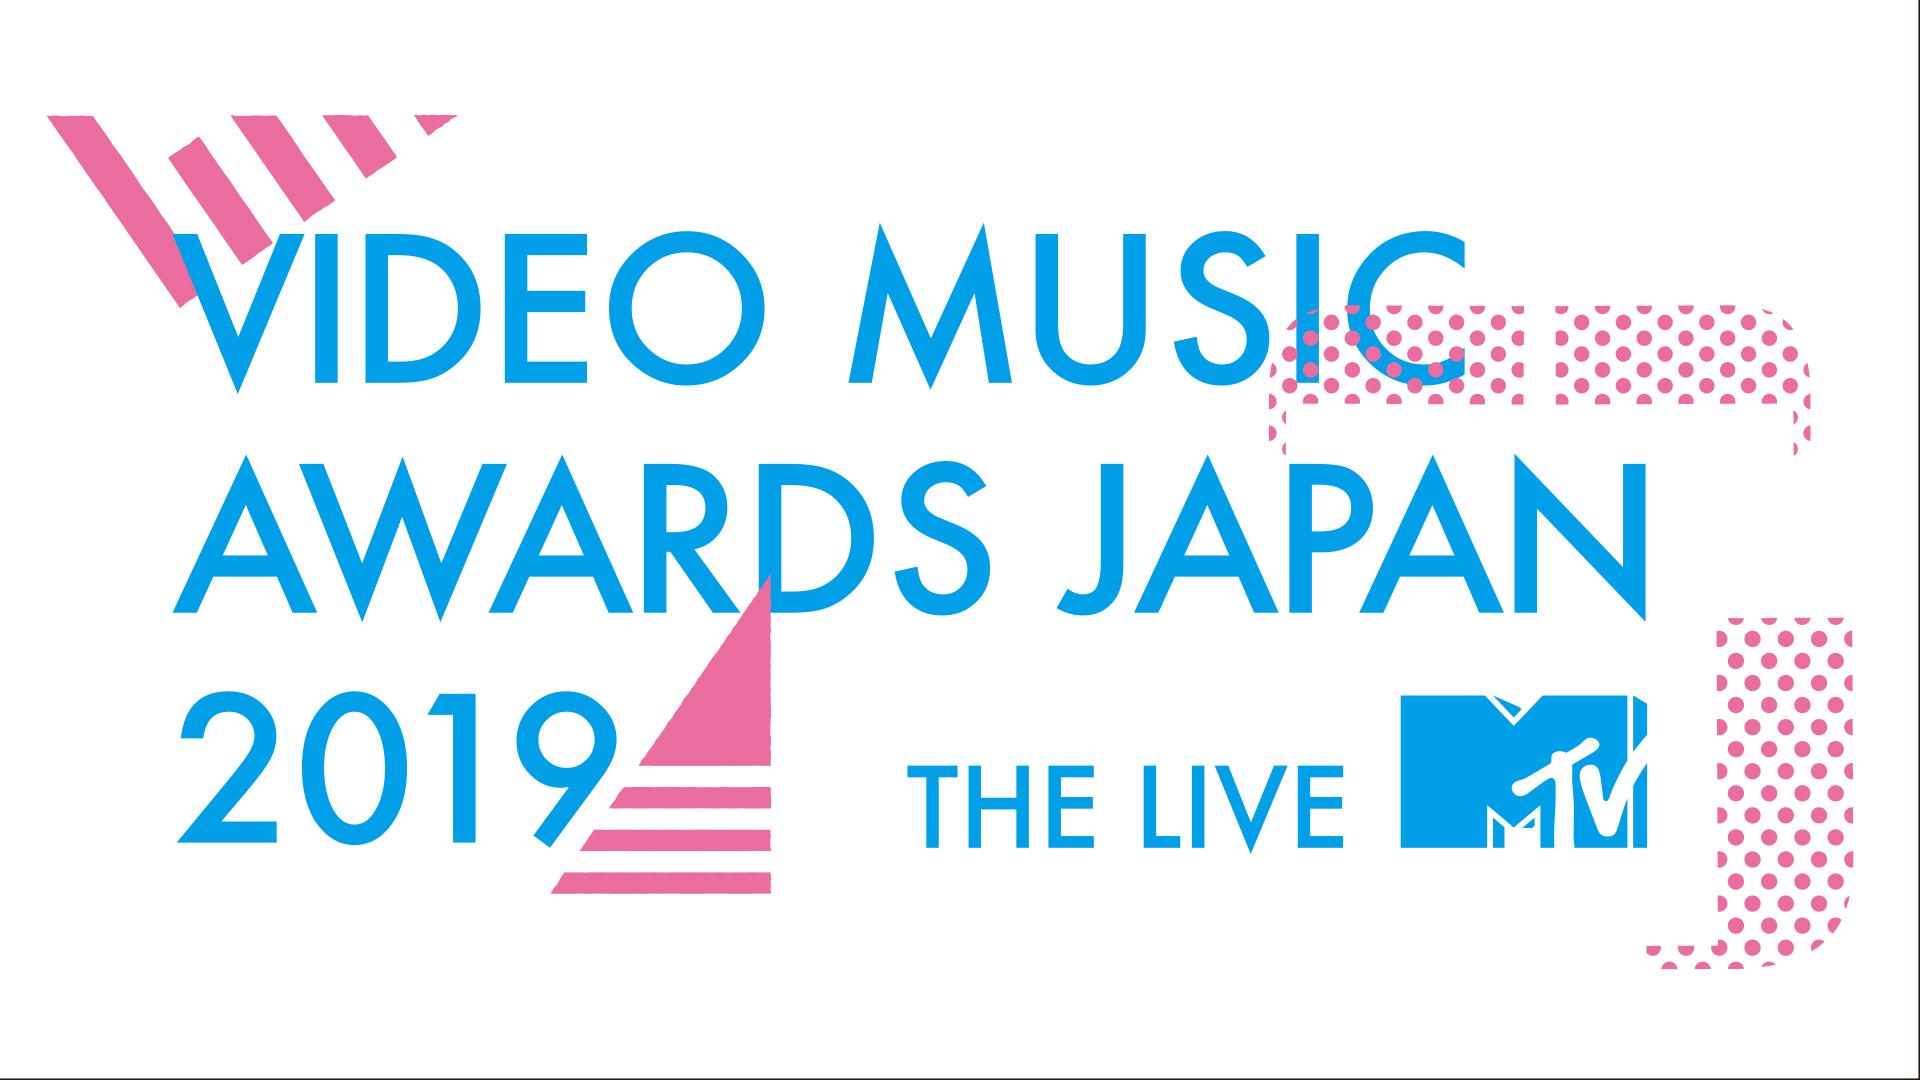 VMAJ 2019 -THE LIVE- メインヴィジュアル